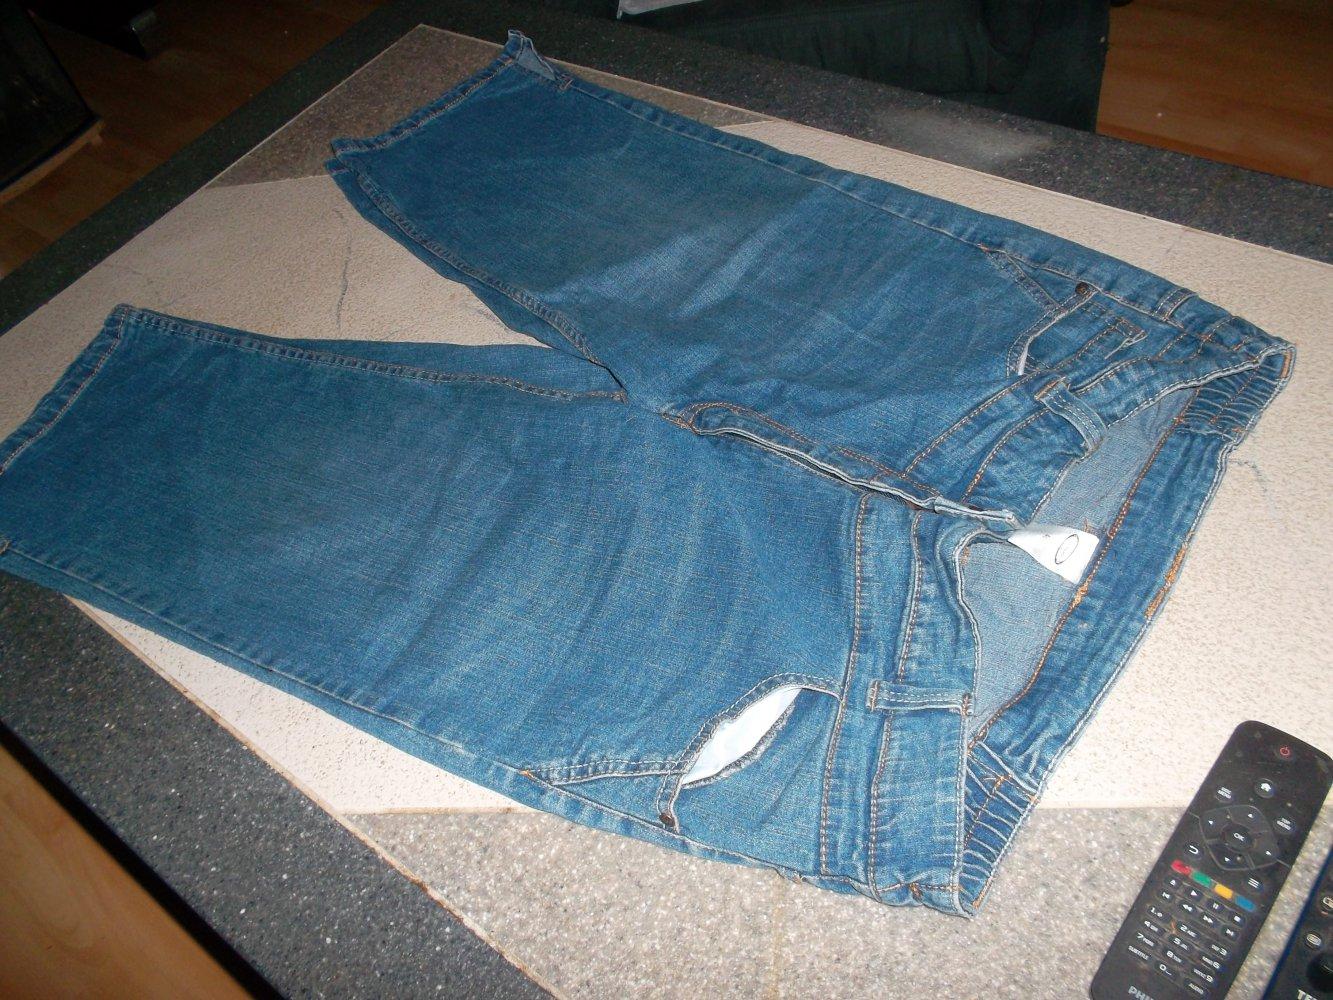 neue 34 jeanshose, blau, grösse 48, gummizugeinsätze